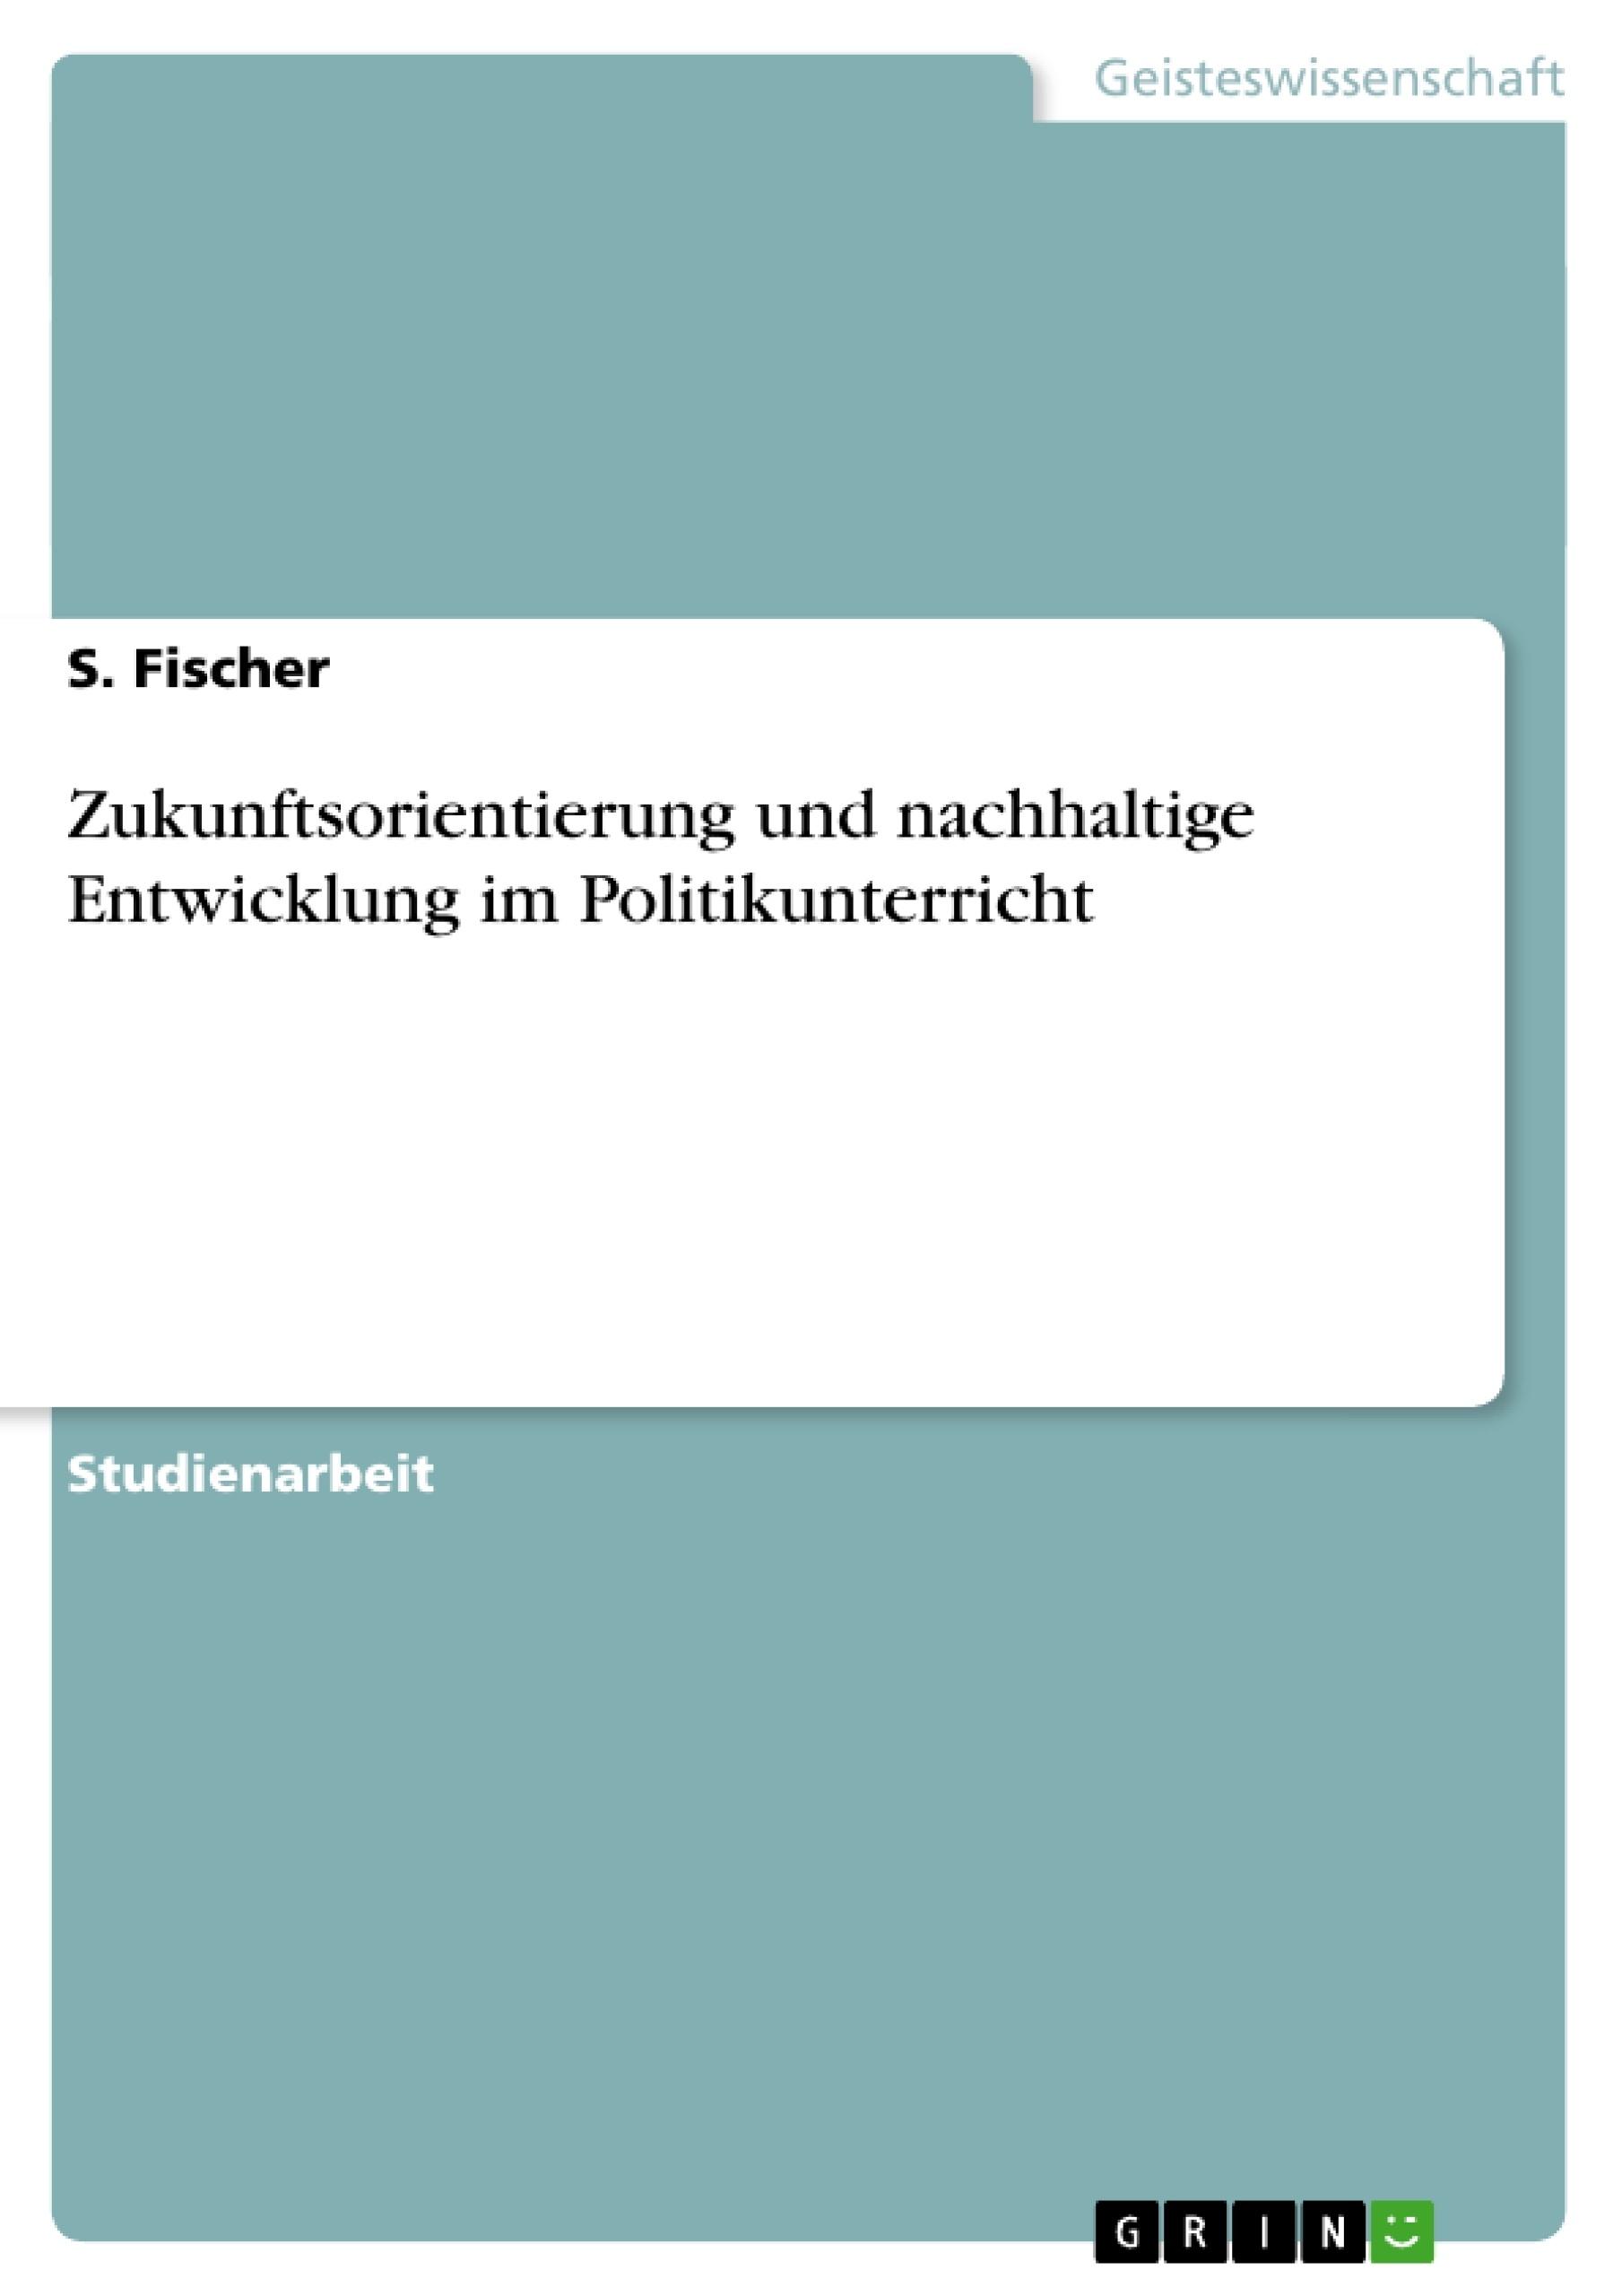 Titel: Zukunftsorientierung und nachhaltige Entwicklung im Politikunterricht